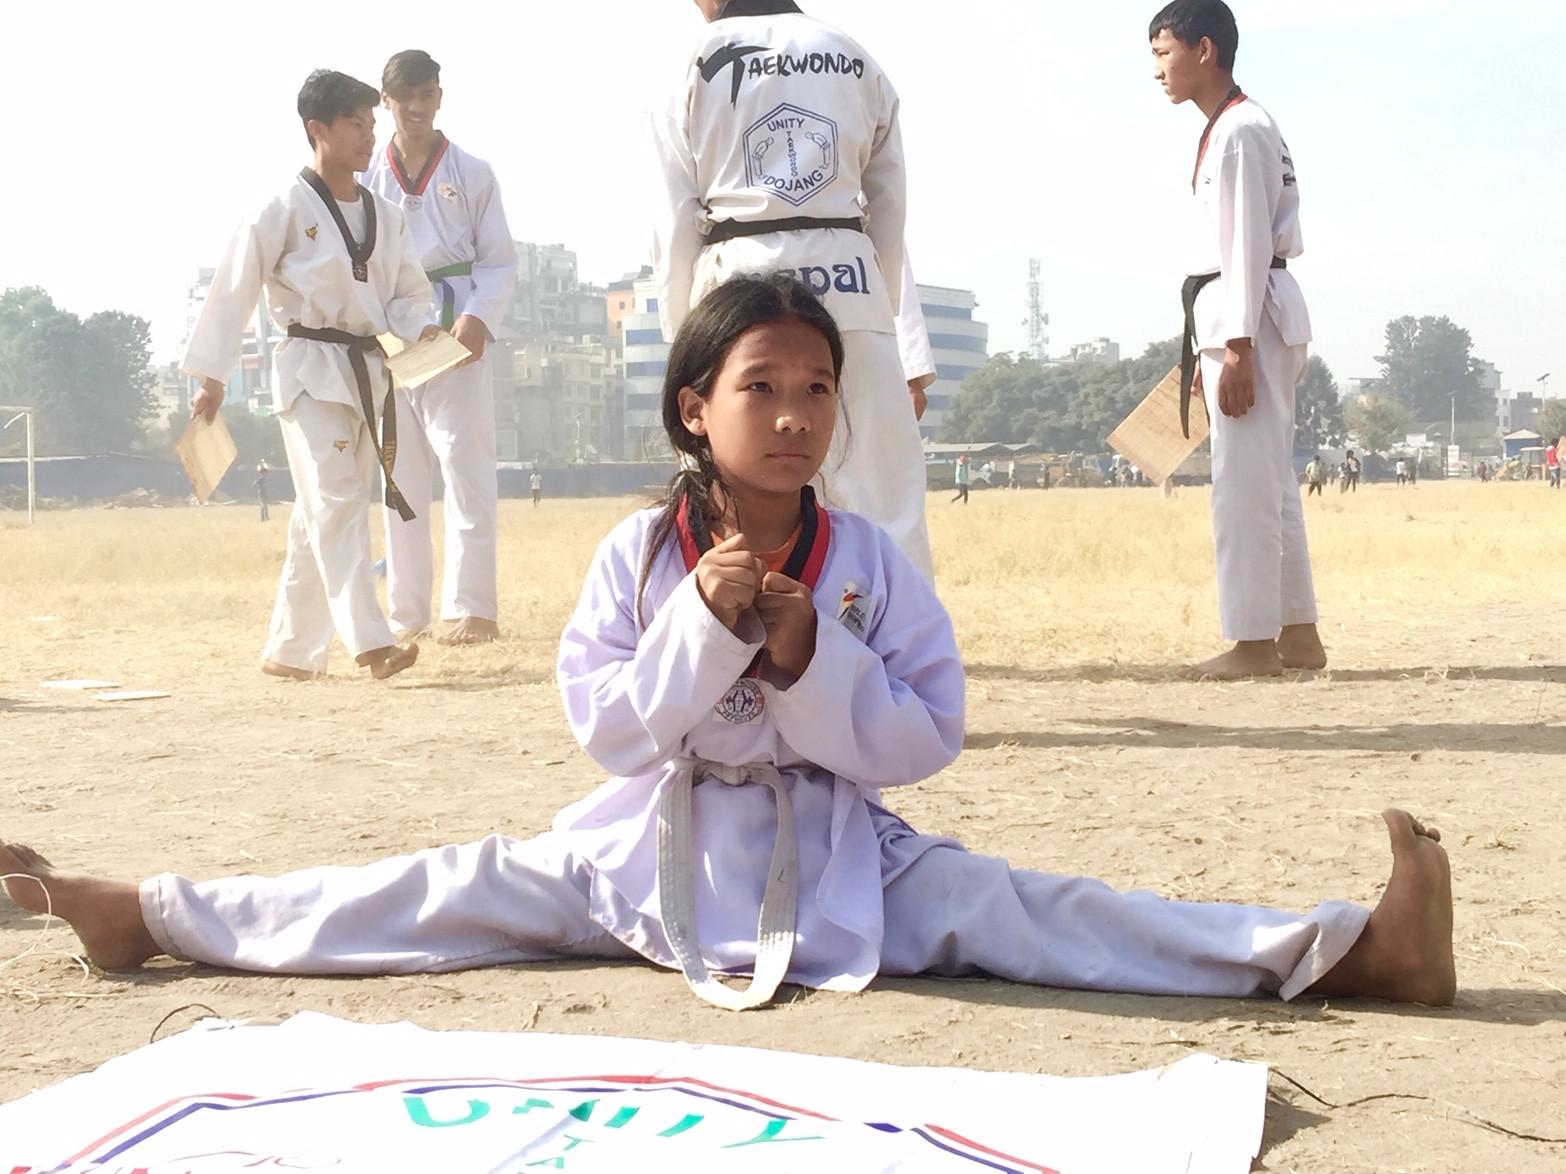 मुक्त टुँडिखेल अभियानअन्तर्गत शनिबार टुँडिखेलमा आफ्नो खेल प्रदर्शन गर्दै युनिटी तेक्वान्दो दोजाङका खेलाडी। तस्बिर: सुदीप श्रेष्ठ/सेतोपाटी